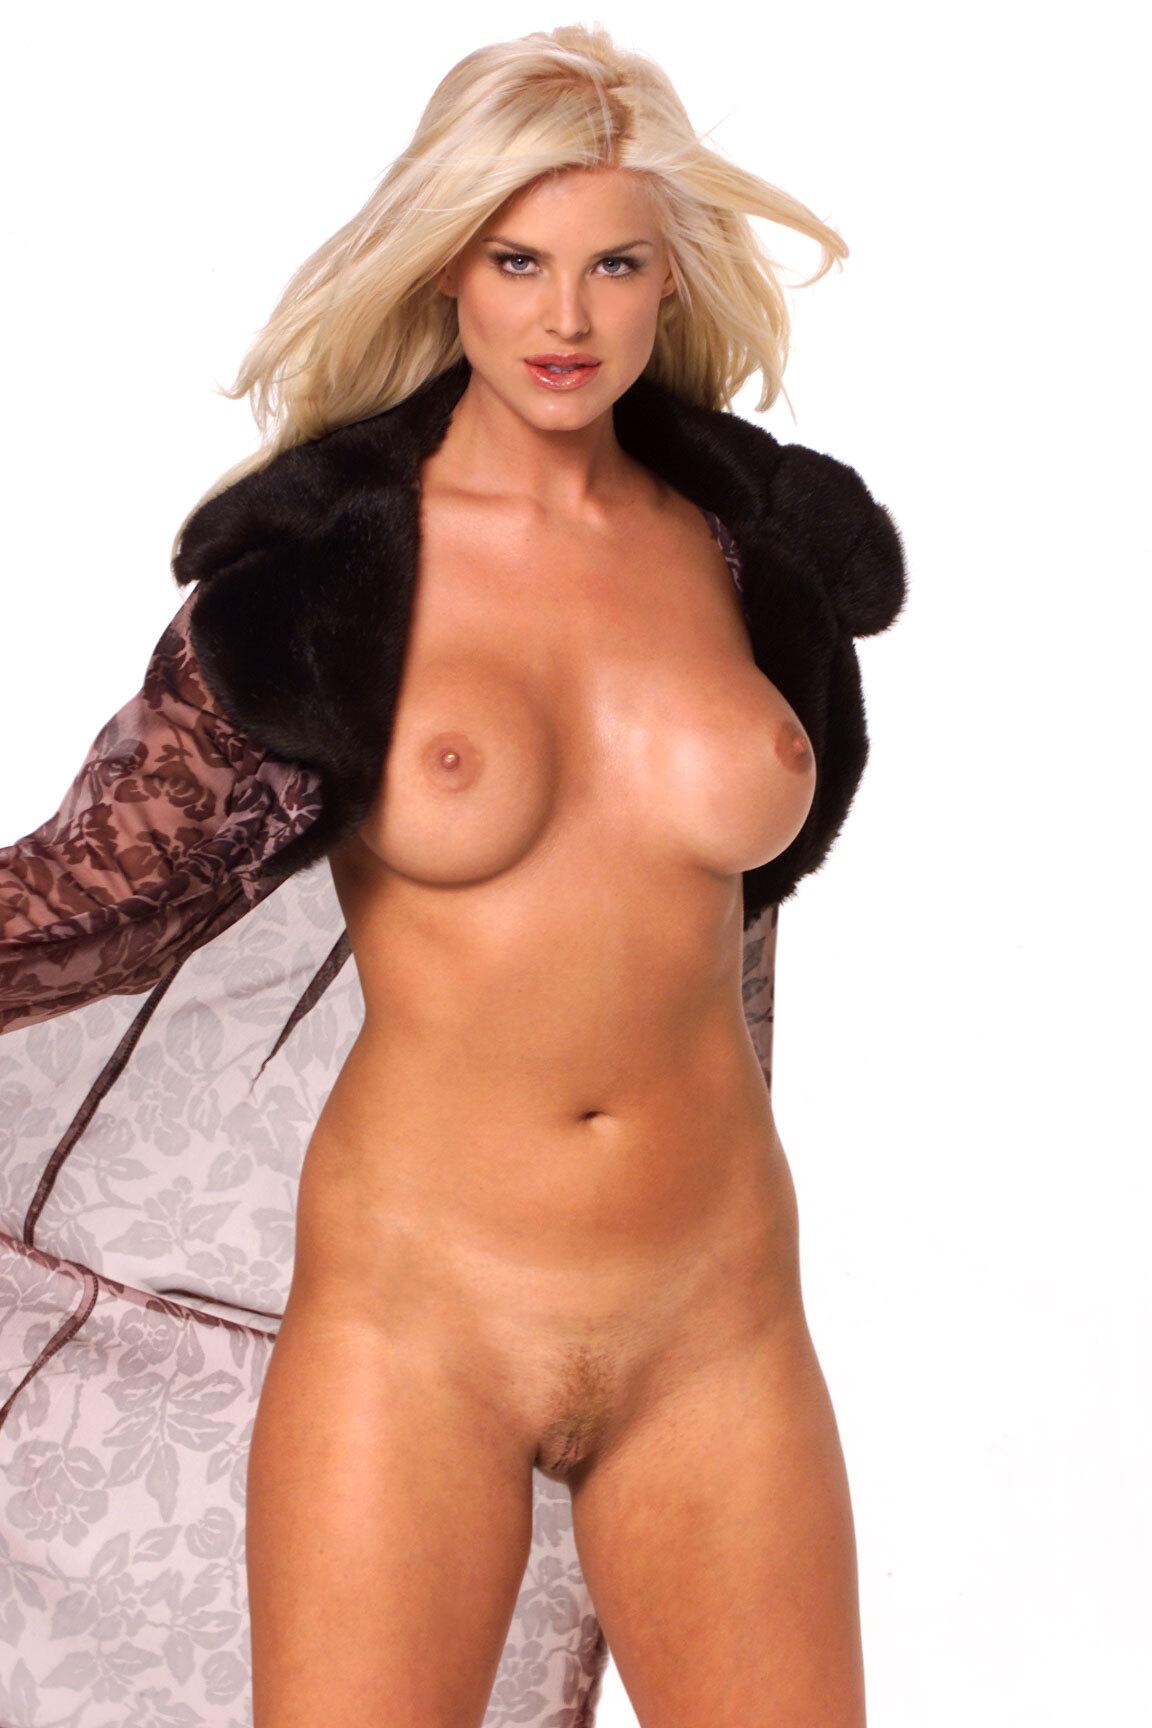 Victoria Silvstedt Fotos y Videos Calientes xxx desnudas pornstar suecas